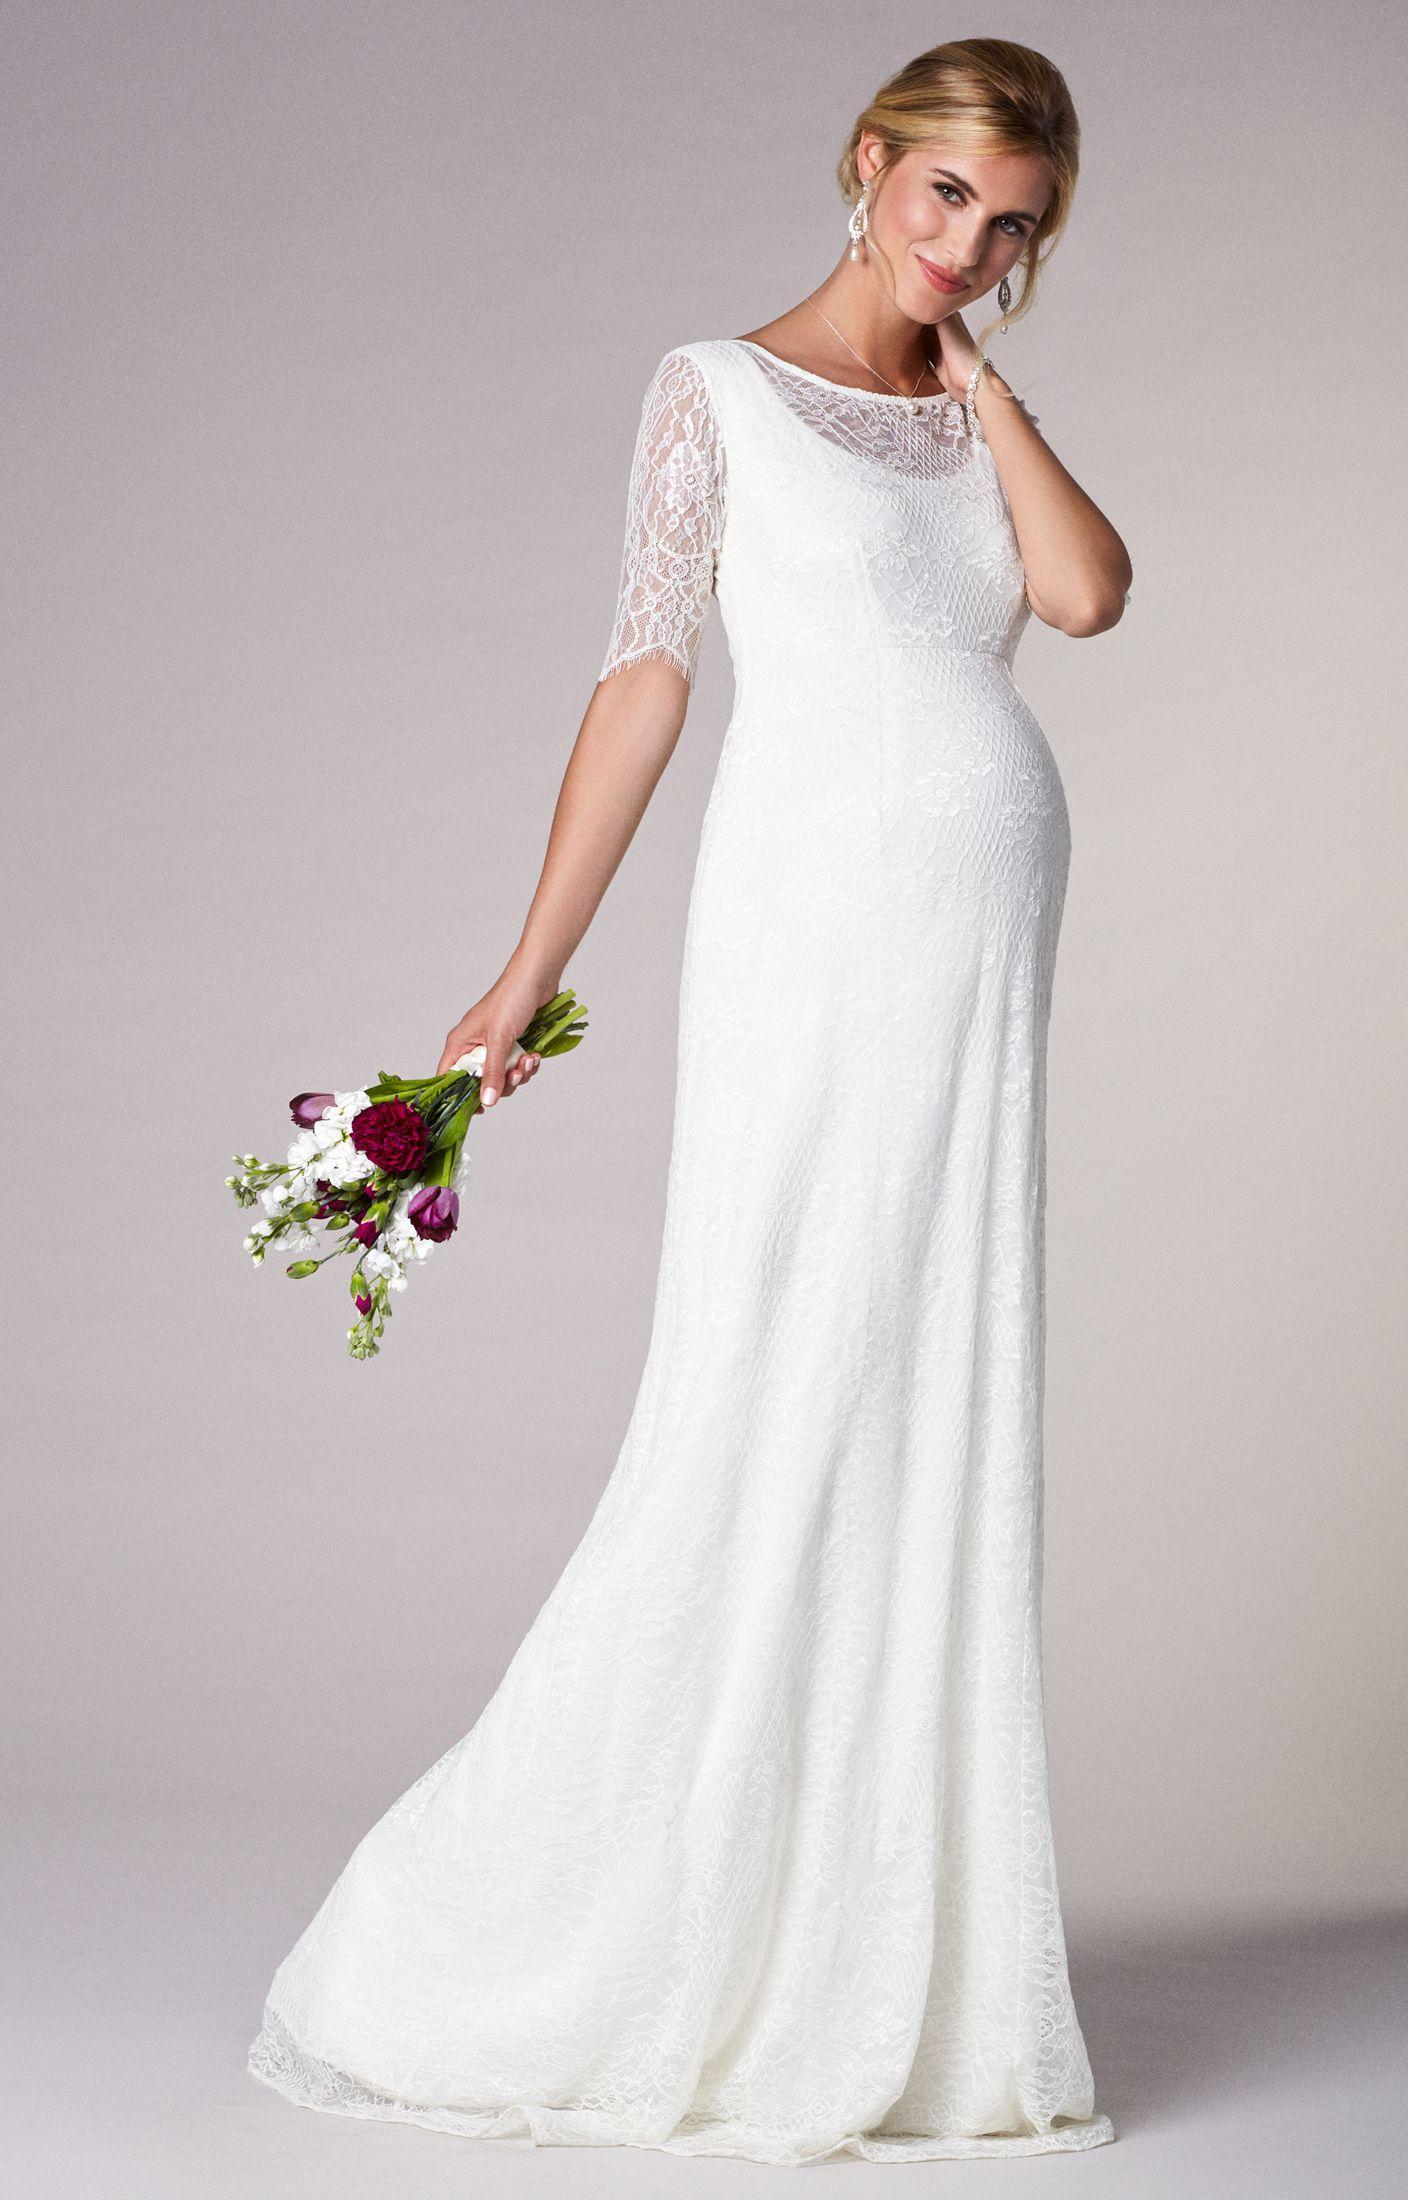 2bd074c74de70 Evie Lace Gown | maternity options | Pregnant wedding dress ...